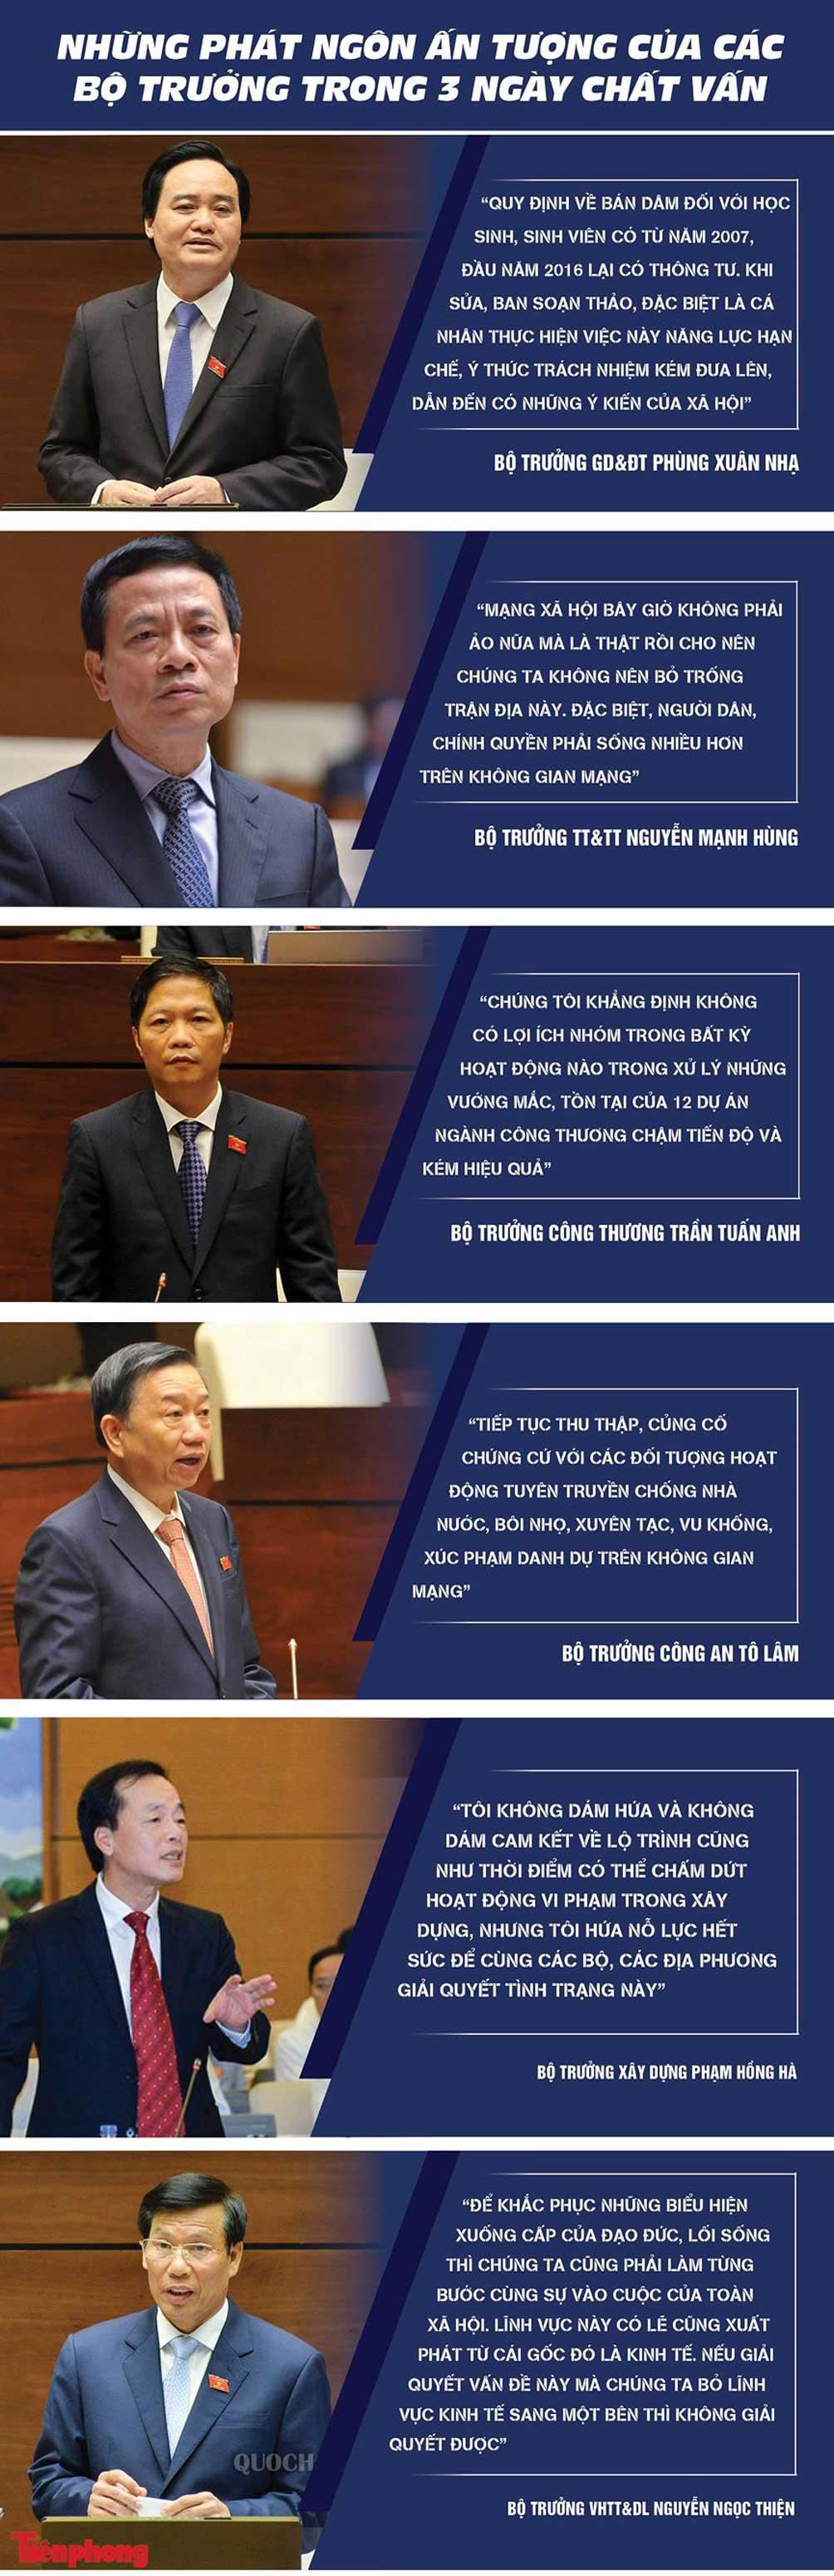 Phát ngôn ấn tượng của các bộ trưởng trong 3 ngày chất vấn - 1